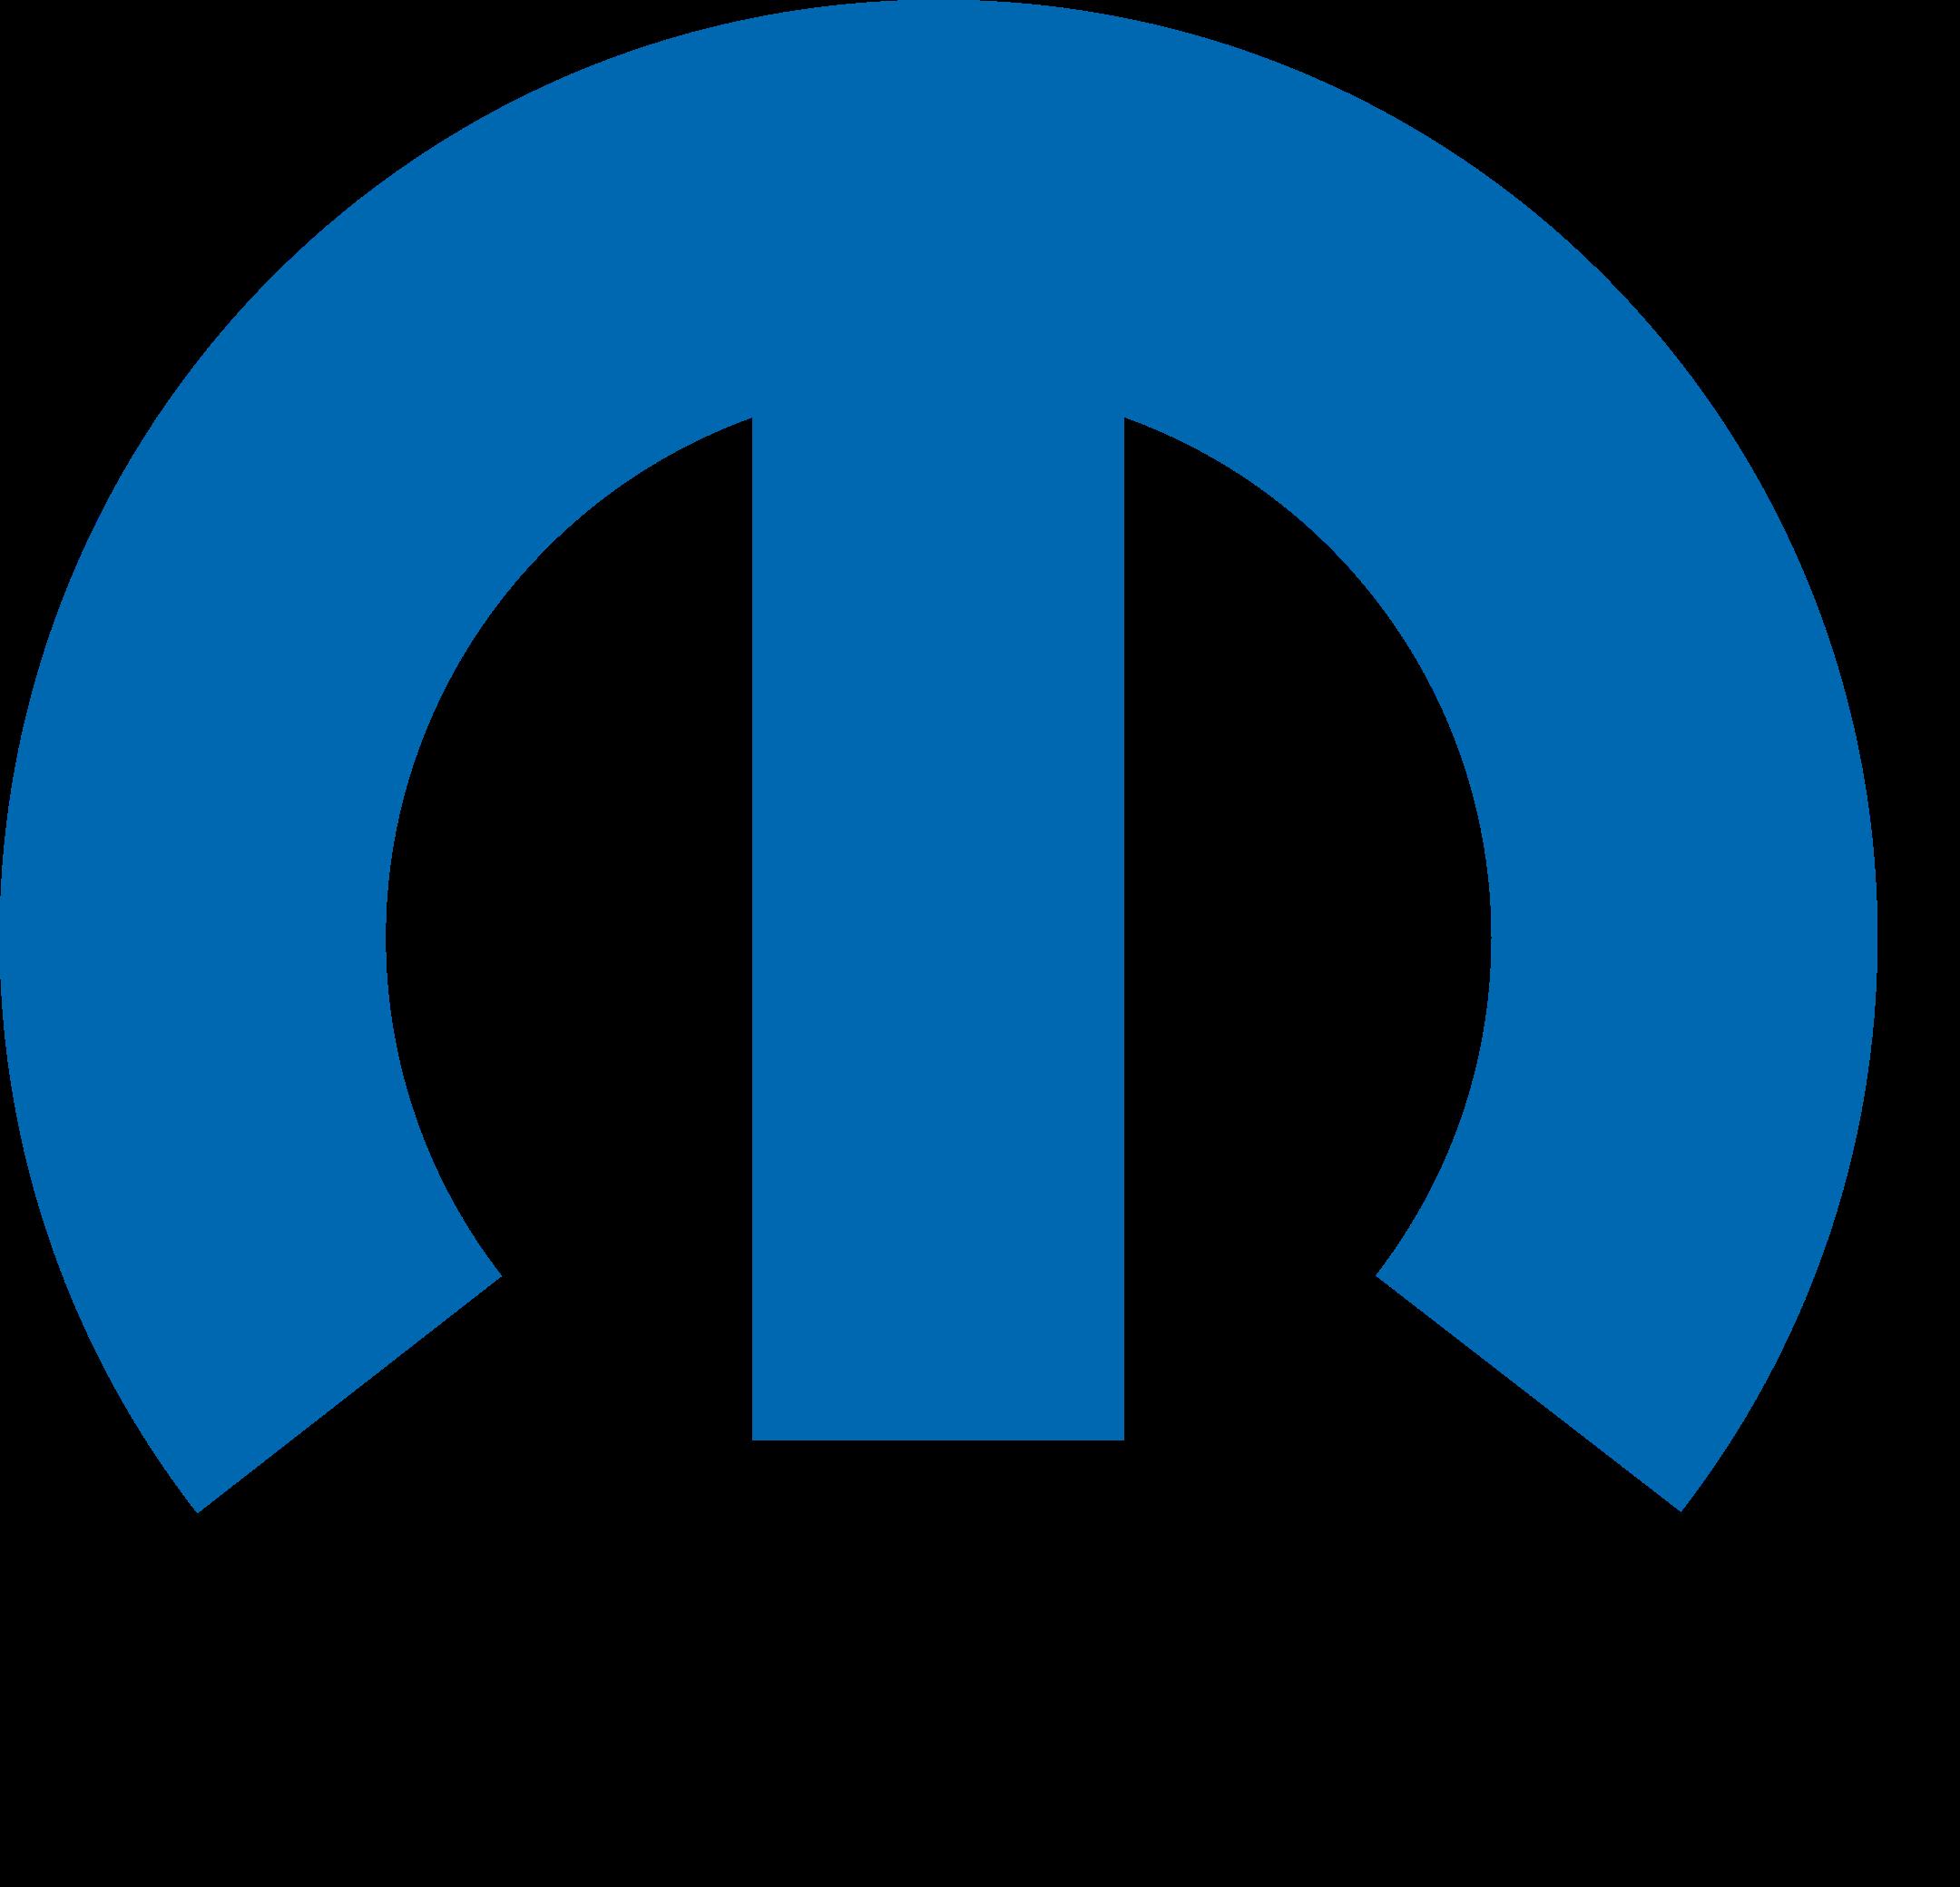 mopar logo 1 - Mopar Logo